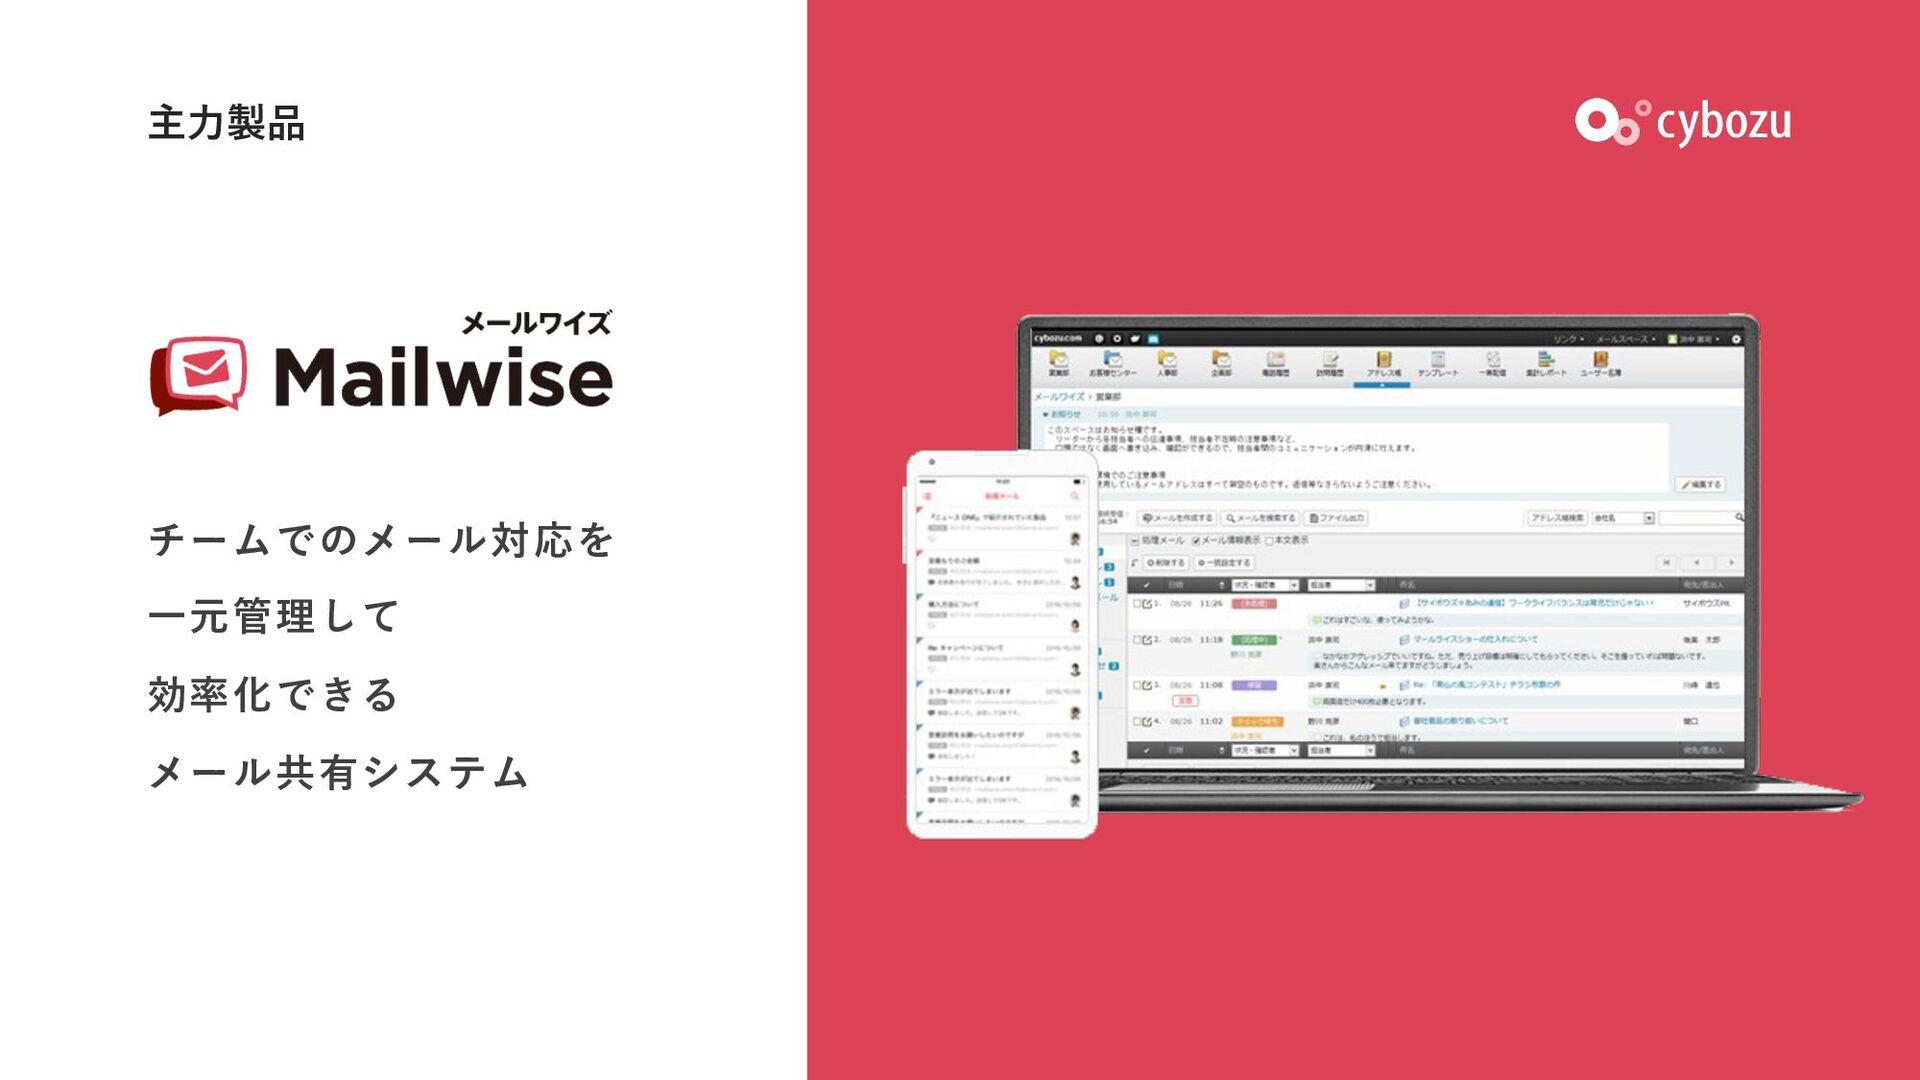 主⼒製品 チームでのメール対応を ⼀元管理して 効率化できる メール共有システム